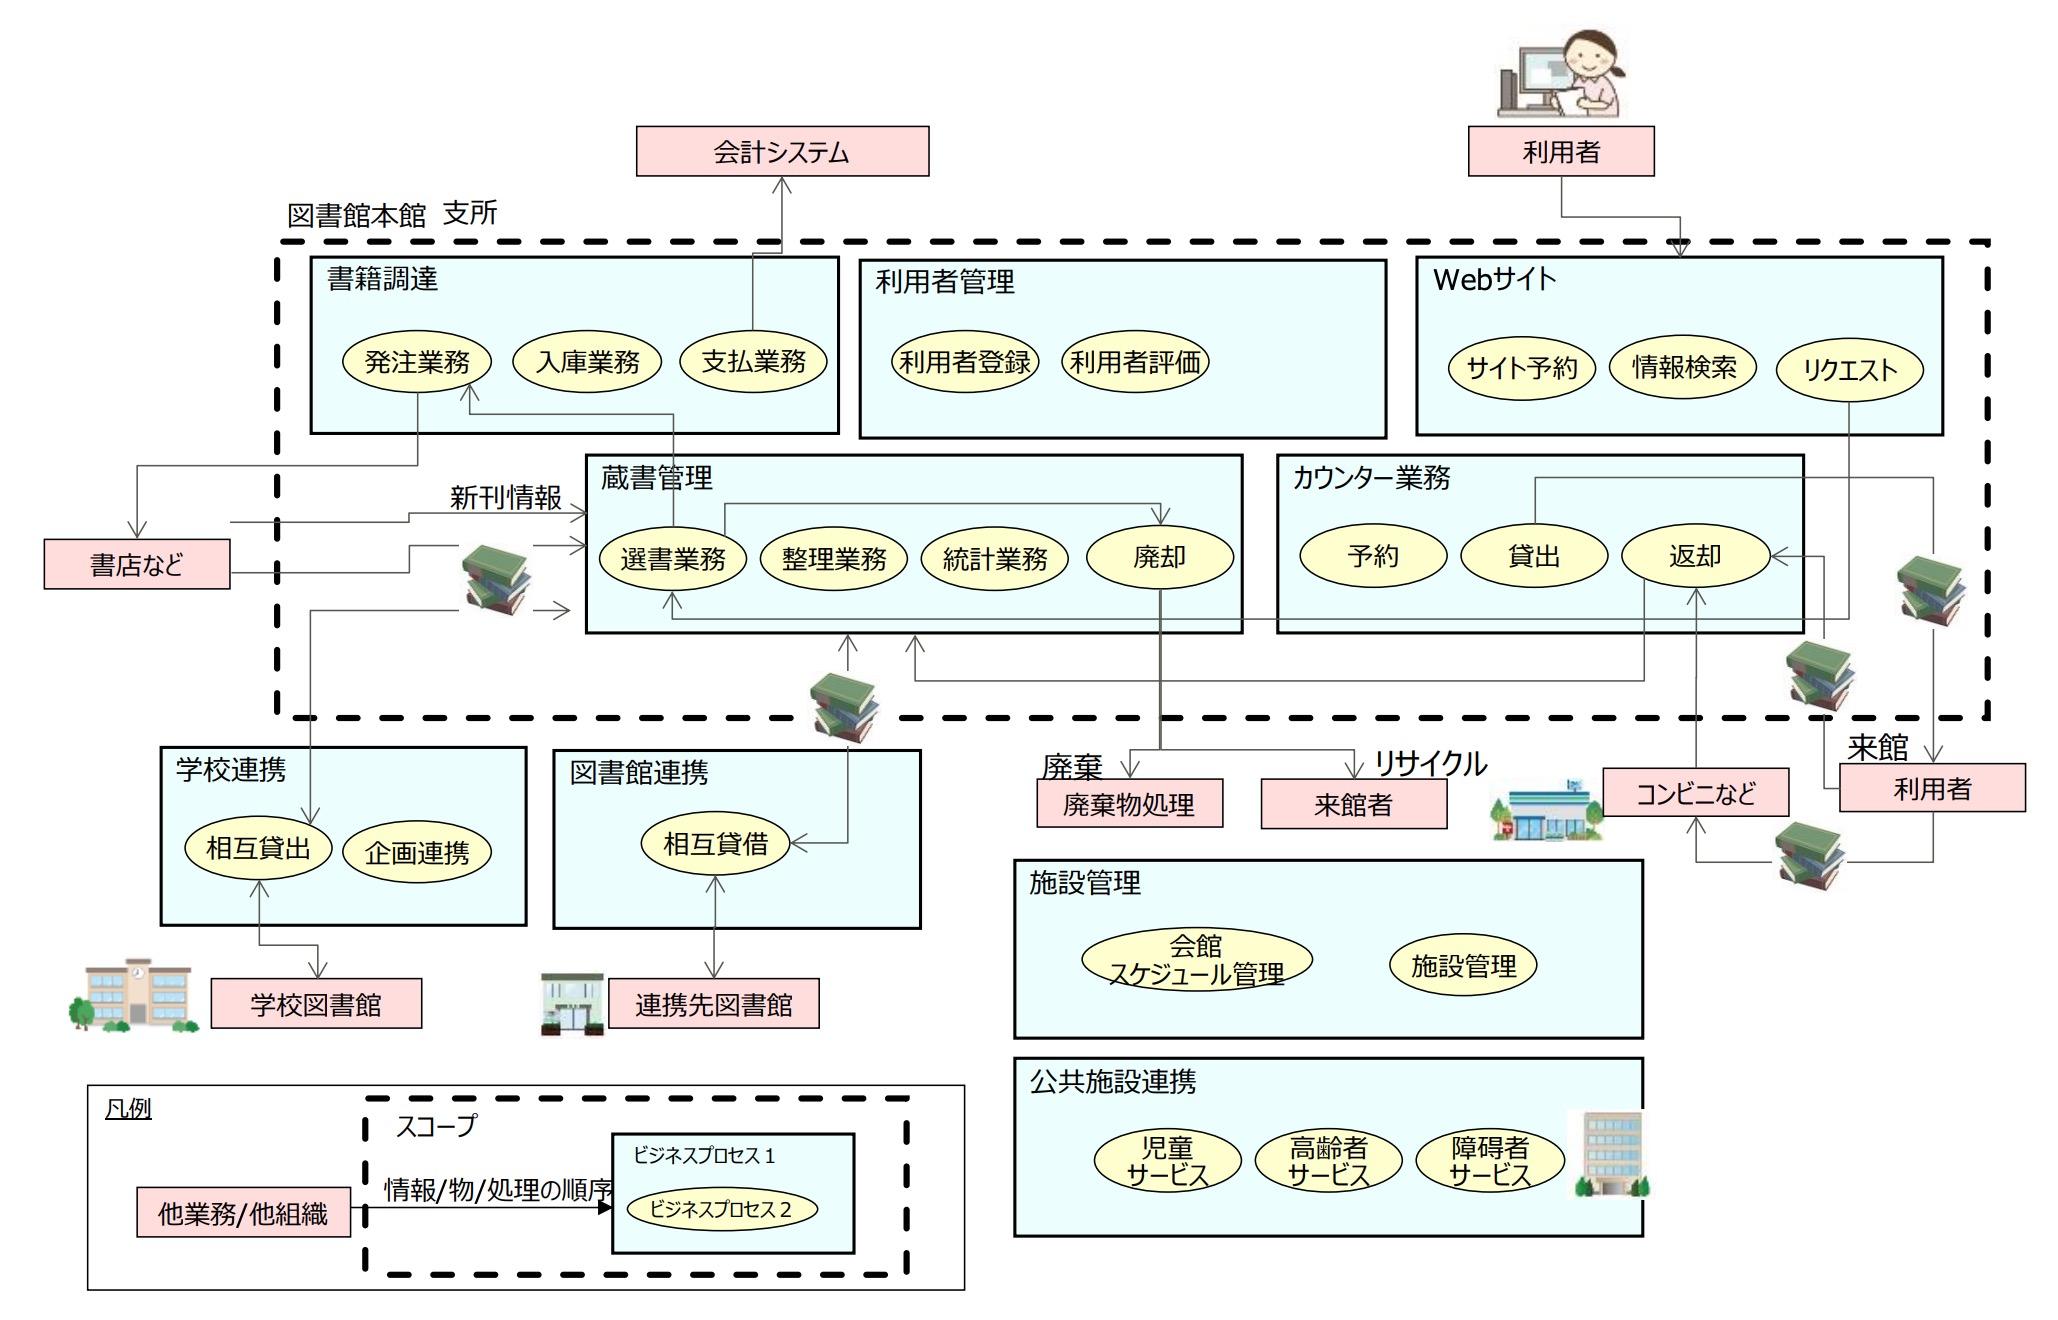 ビジネスプロセス関連図